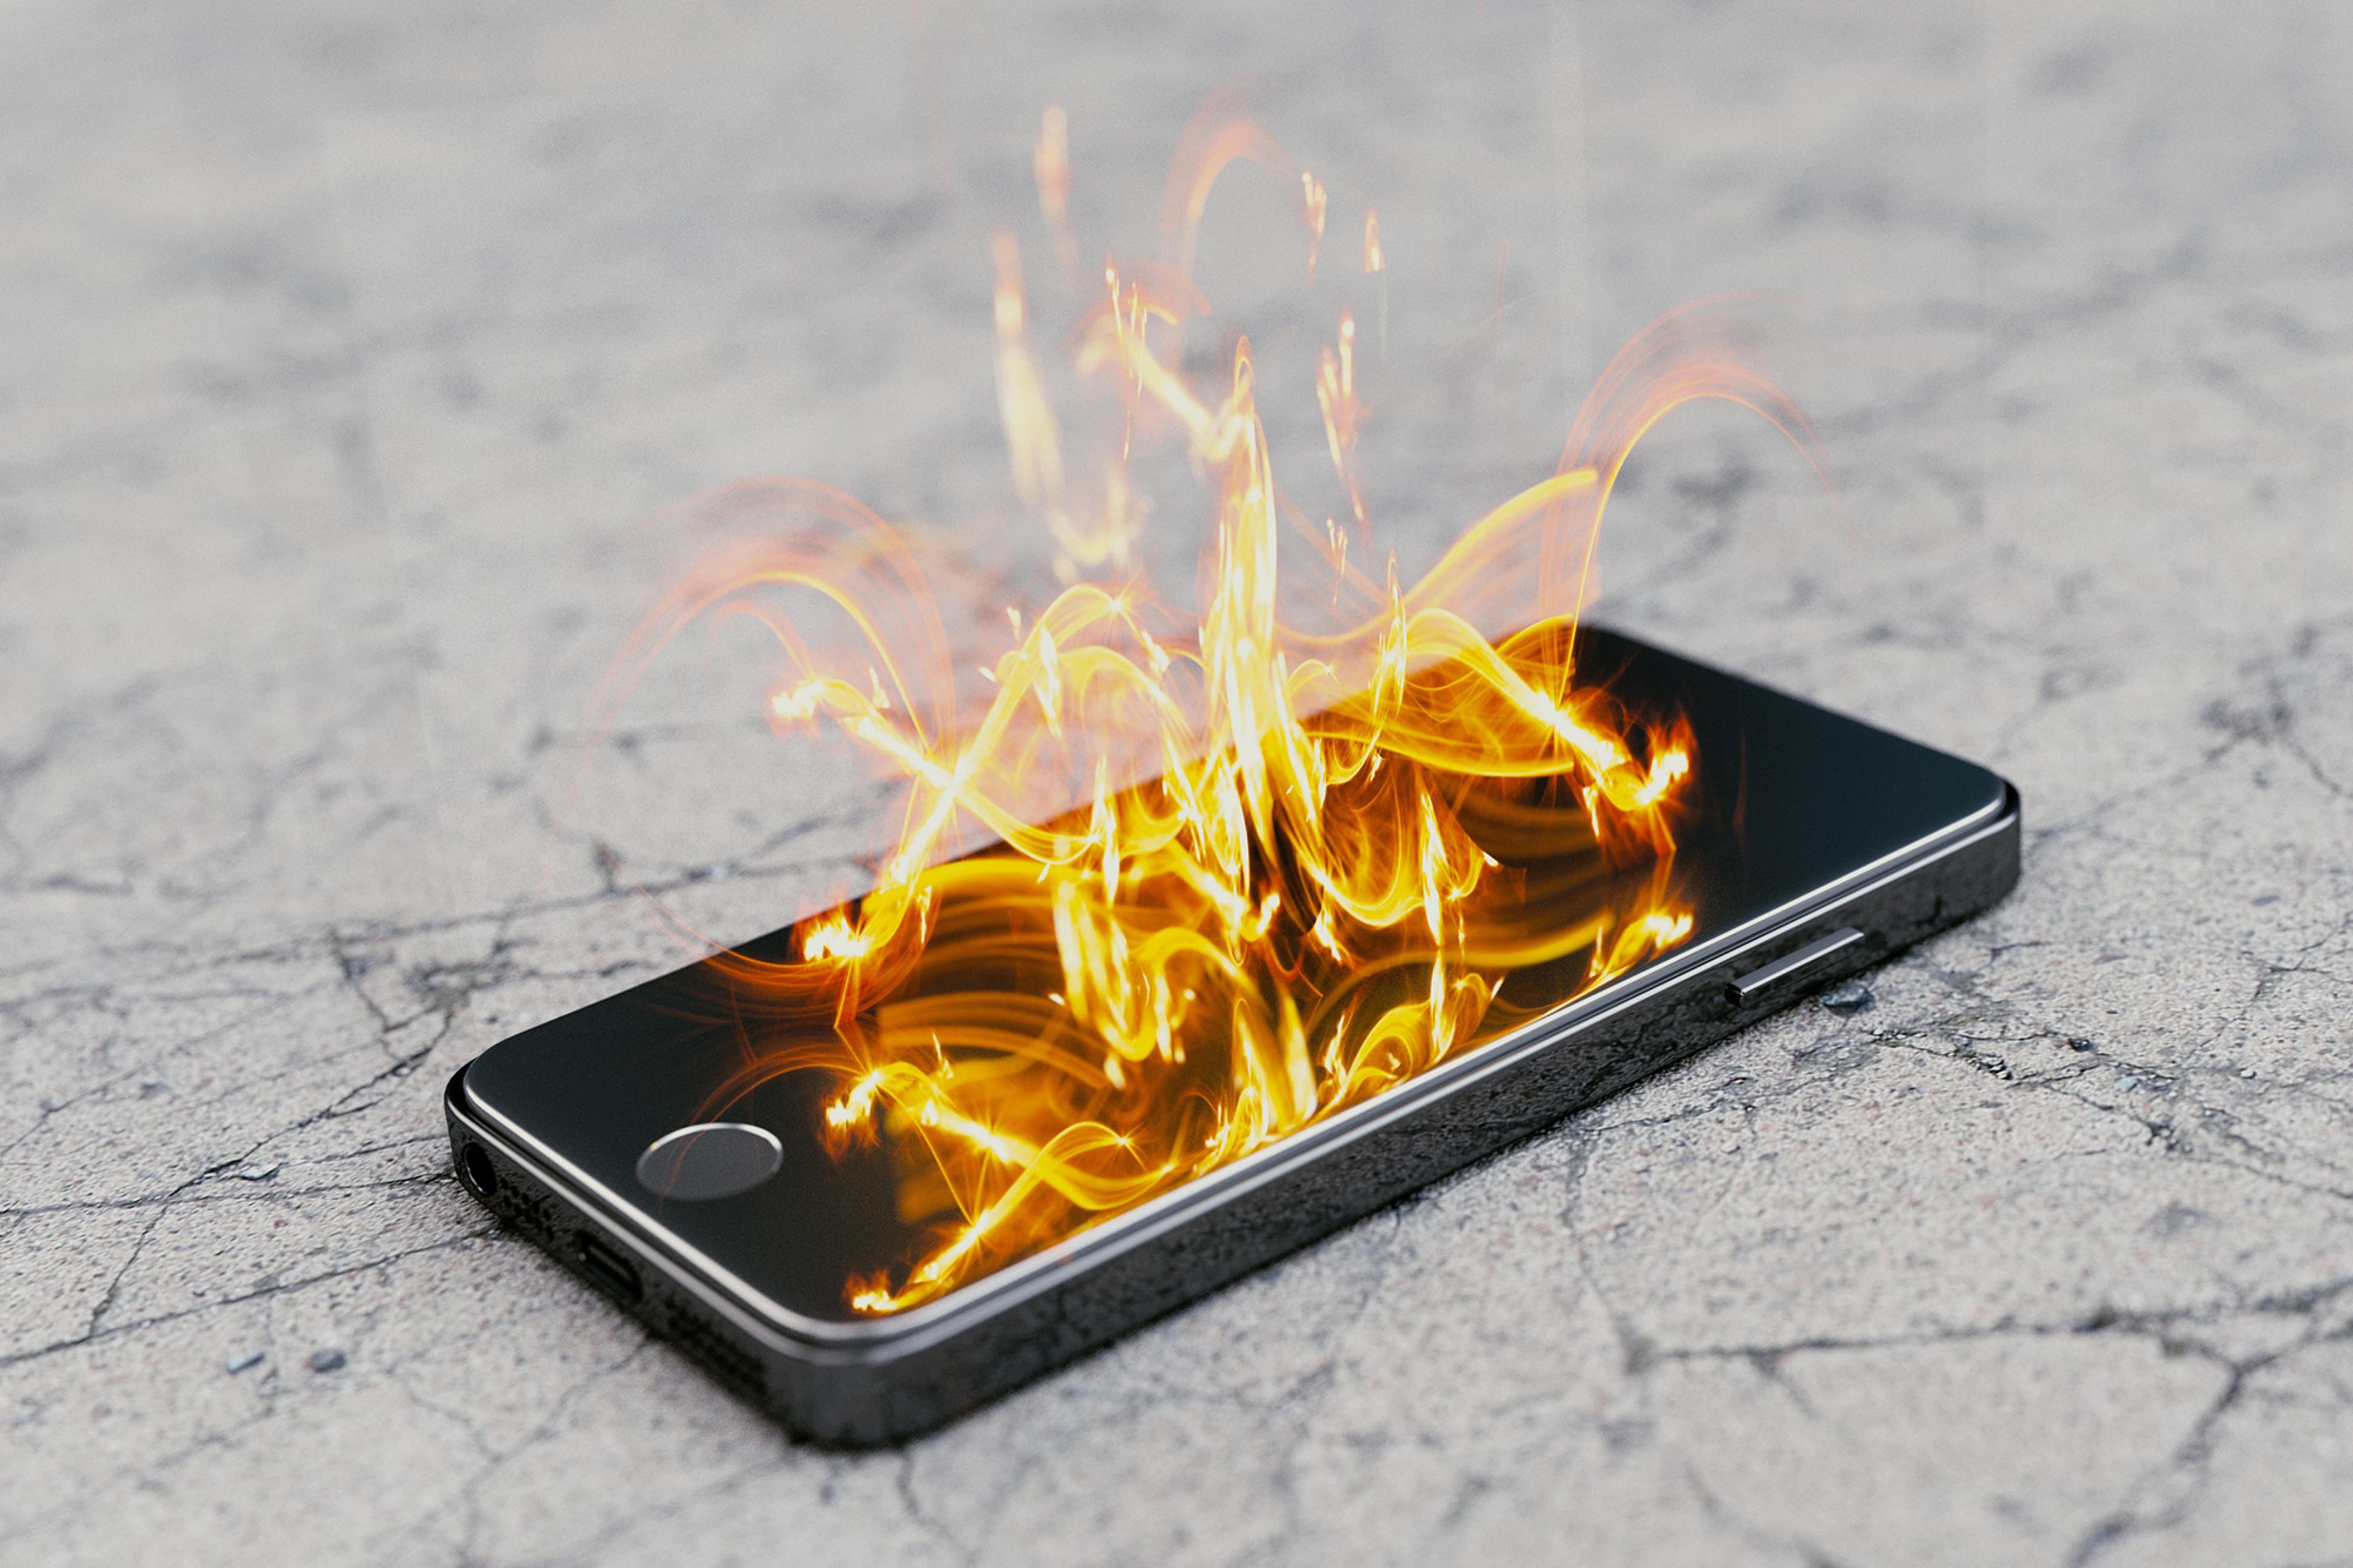 Vì sao điện thoại bị nóng khi không sử dụng? Cách khắc phục như thế nào? - Ảnh 1.